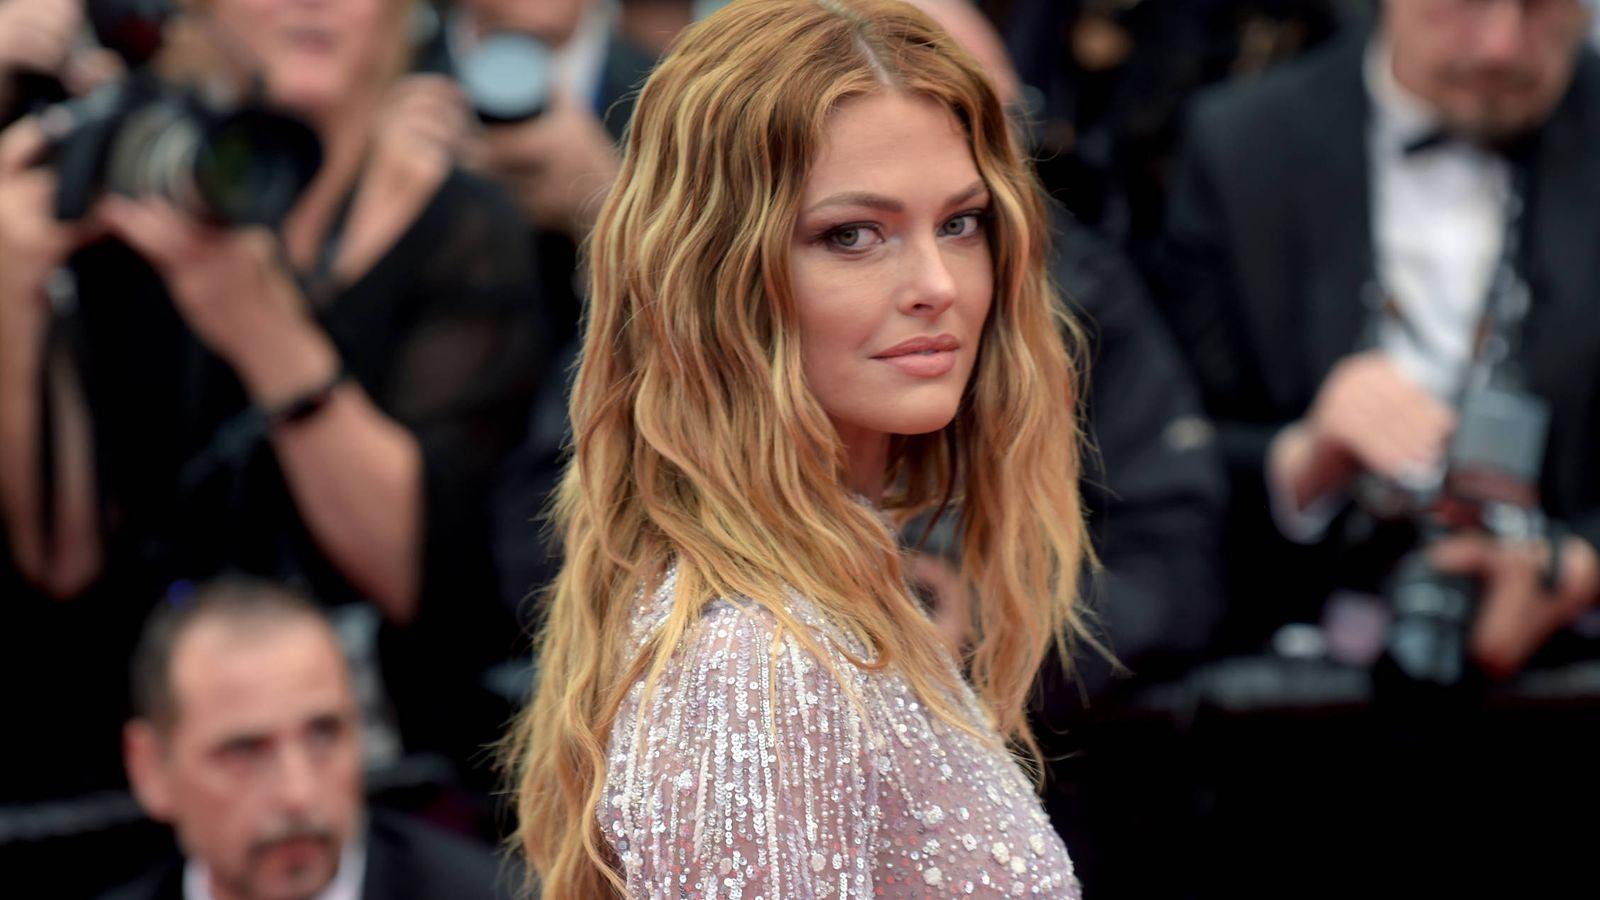 Foto: Caroline Receveur, en el Festival de Cine de Cannes. (Getty Images)